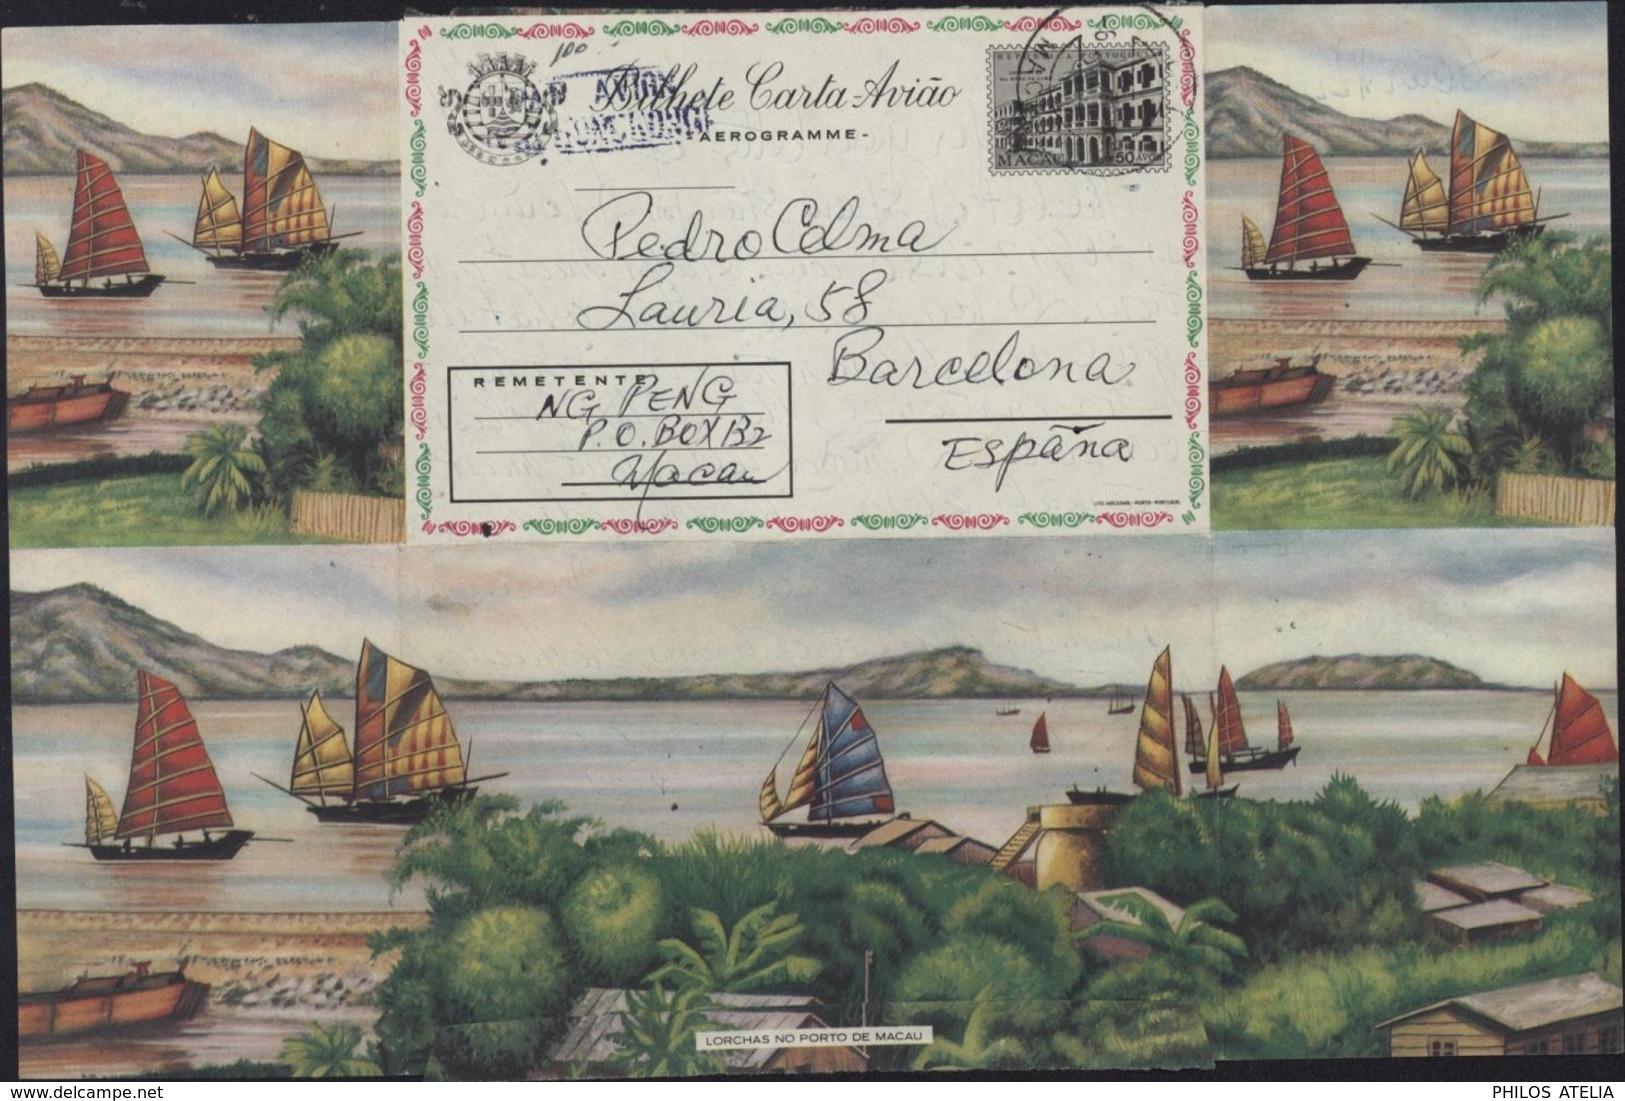 Entier 50 Avos Aérogramme Bilhete Carta Aviao Macau Republica Portuguesa Illustrébaie Jonques Bateaux Lorchas No Porto - Ganzsachen